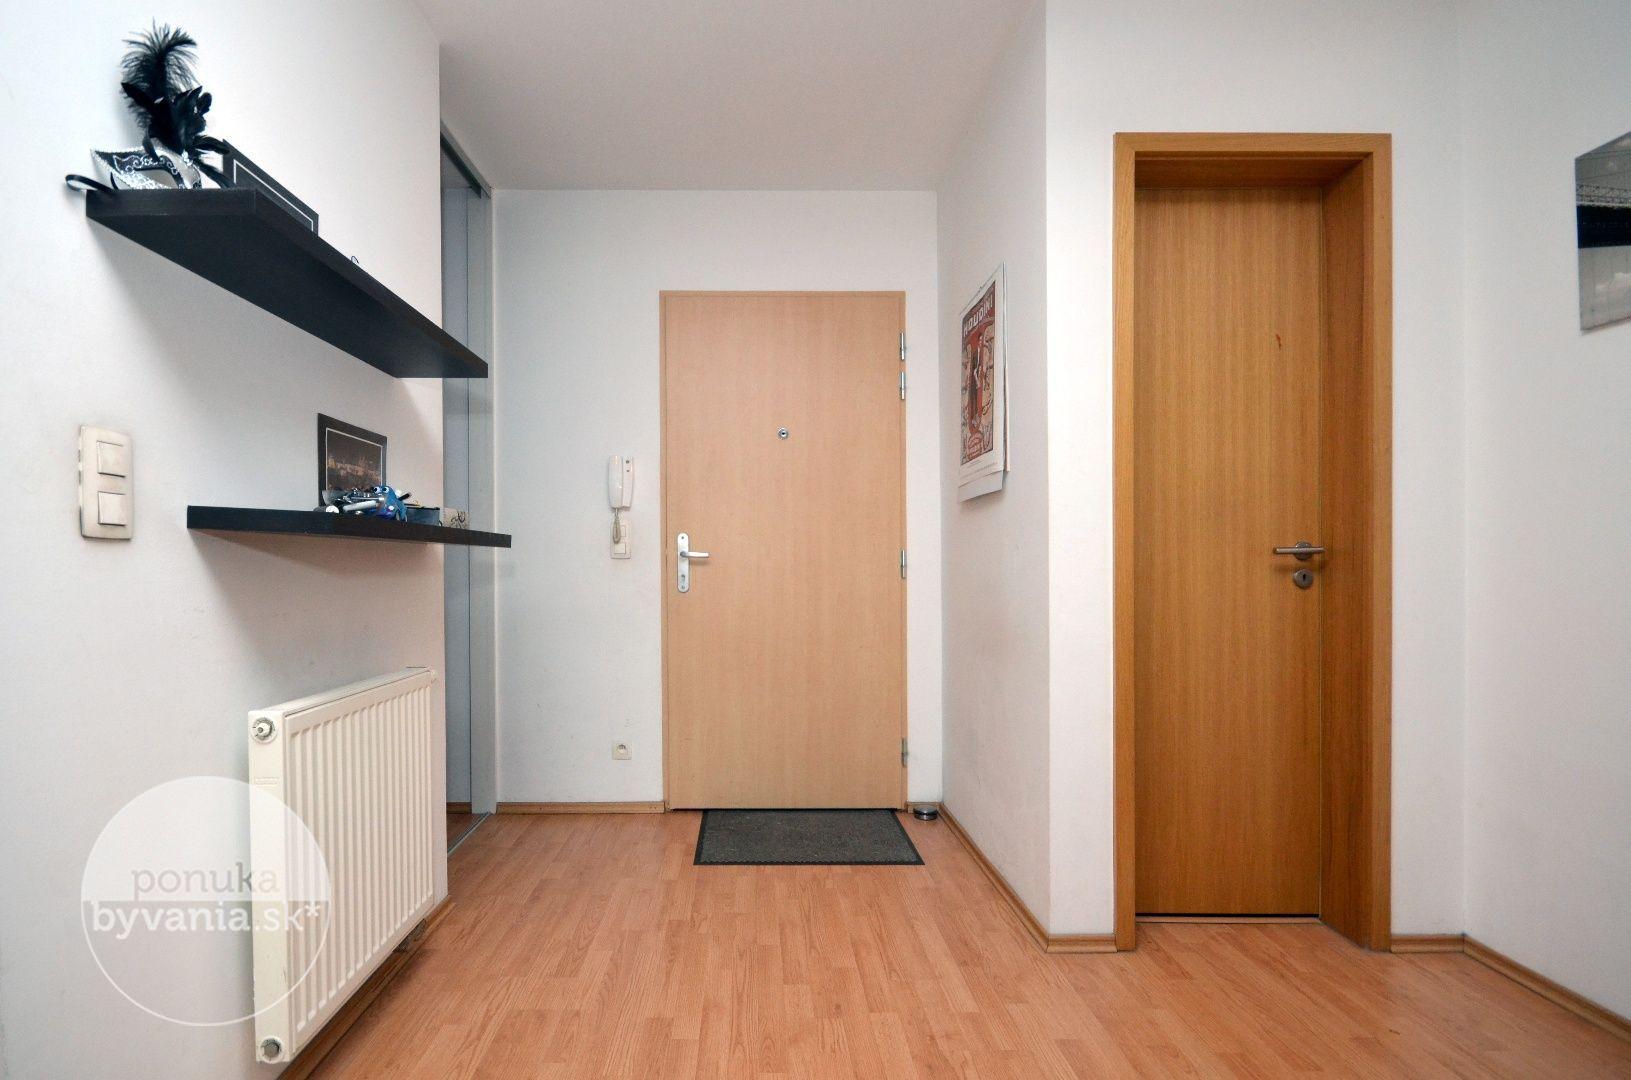 ponukabyvania.sk_Bajkalská_2-izbový-byt_KALISKÝ